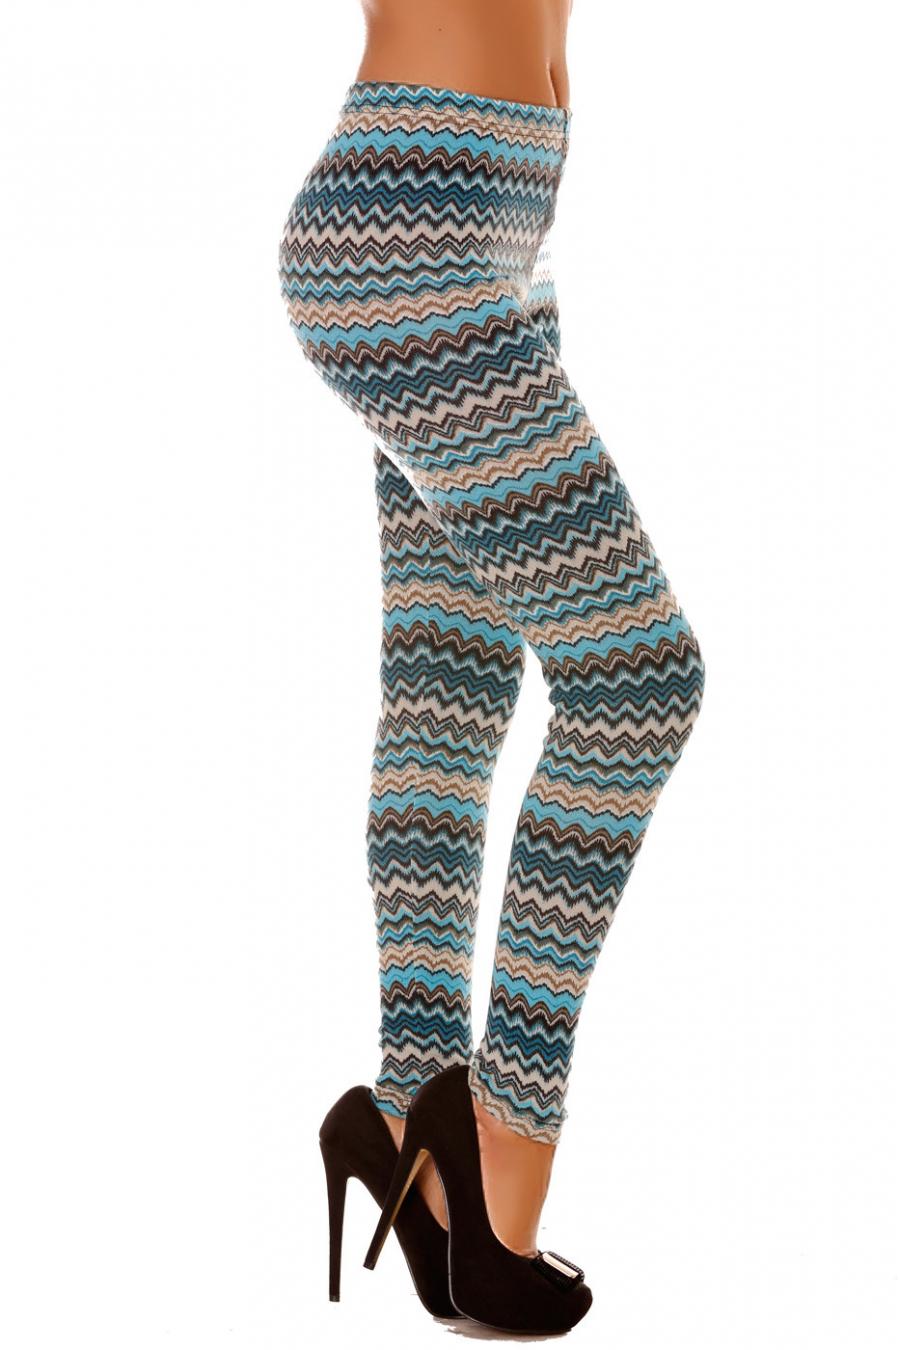 Leggings d'hiver en acrylique coloré en turquoise et motifs zig zag ultra fashion. 140-4